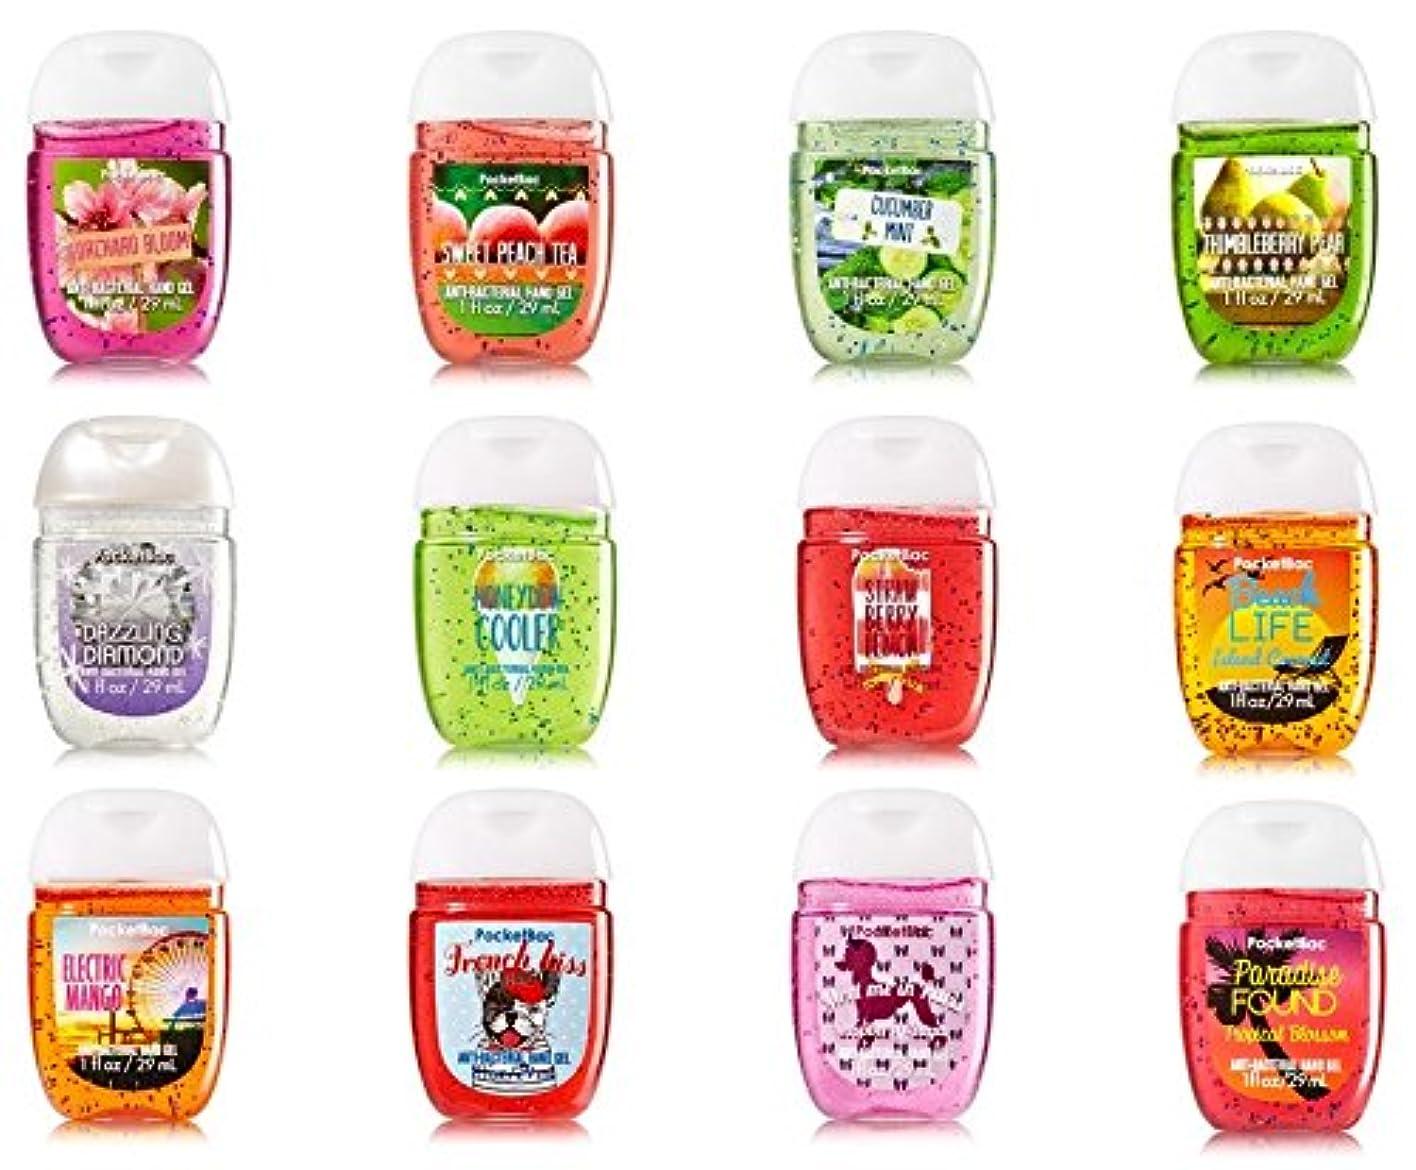 鳴り響く傾向政治的【アメリカ直送】Bath & Body Works Pocketbac Variety 12pk  バス&ボディワークス 水のいらない消毒ジェル 抗菌ハンドジェル 12個セット 各29ml